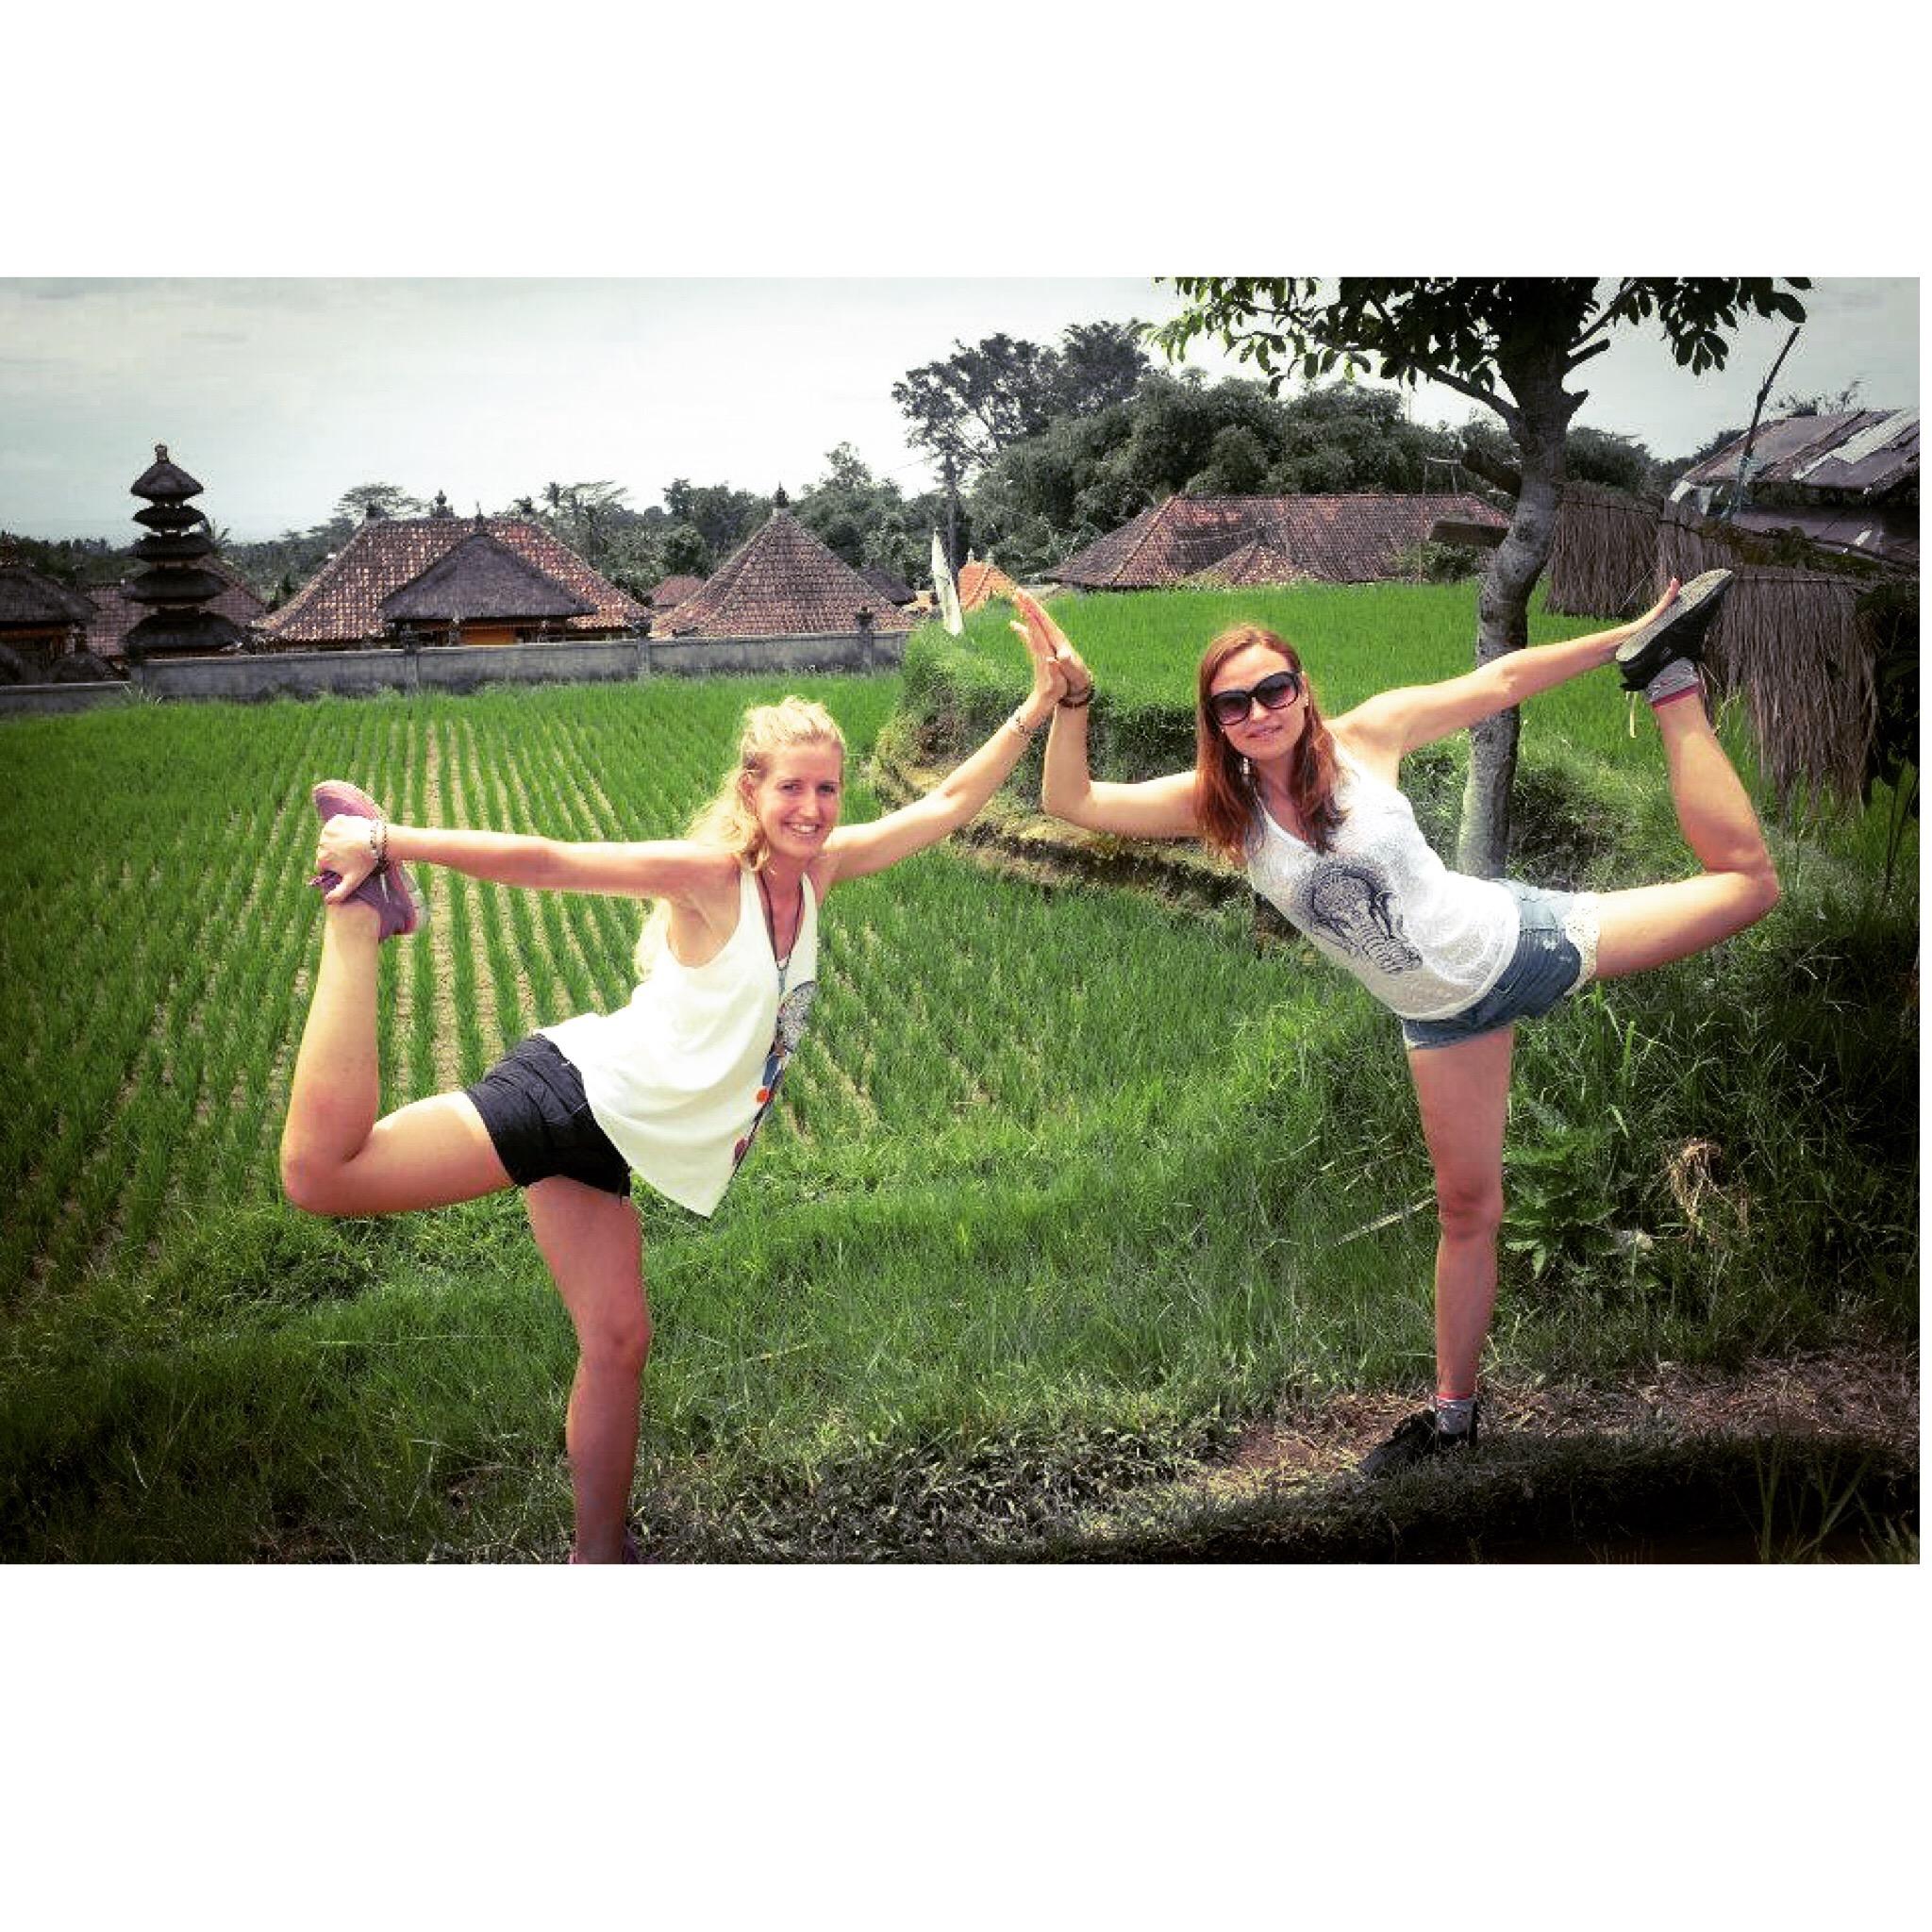 Joanna synes vi skulle lave en yogapose sammen midt i rismarkerne.